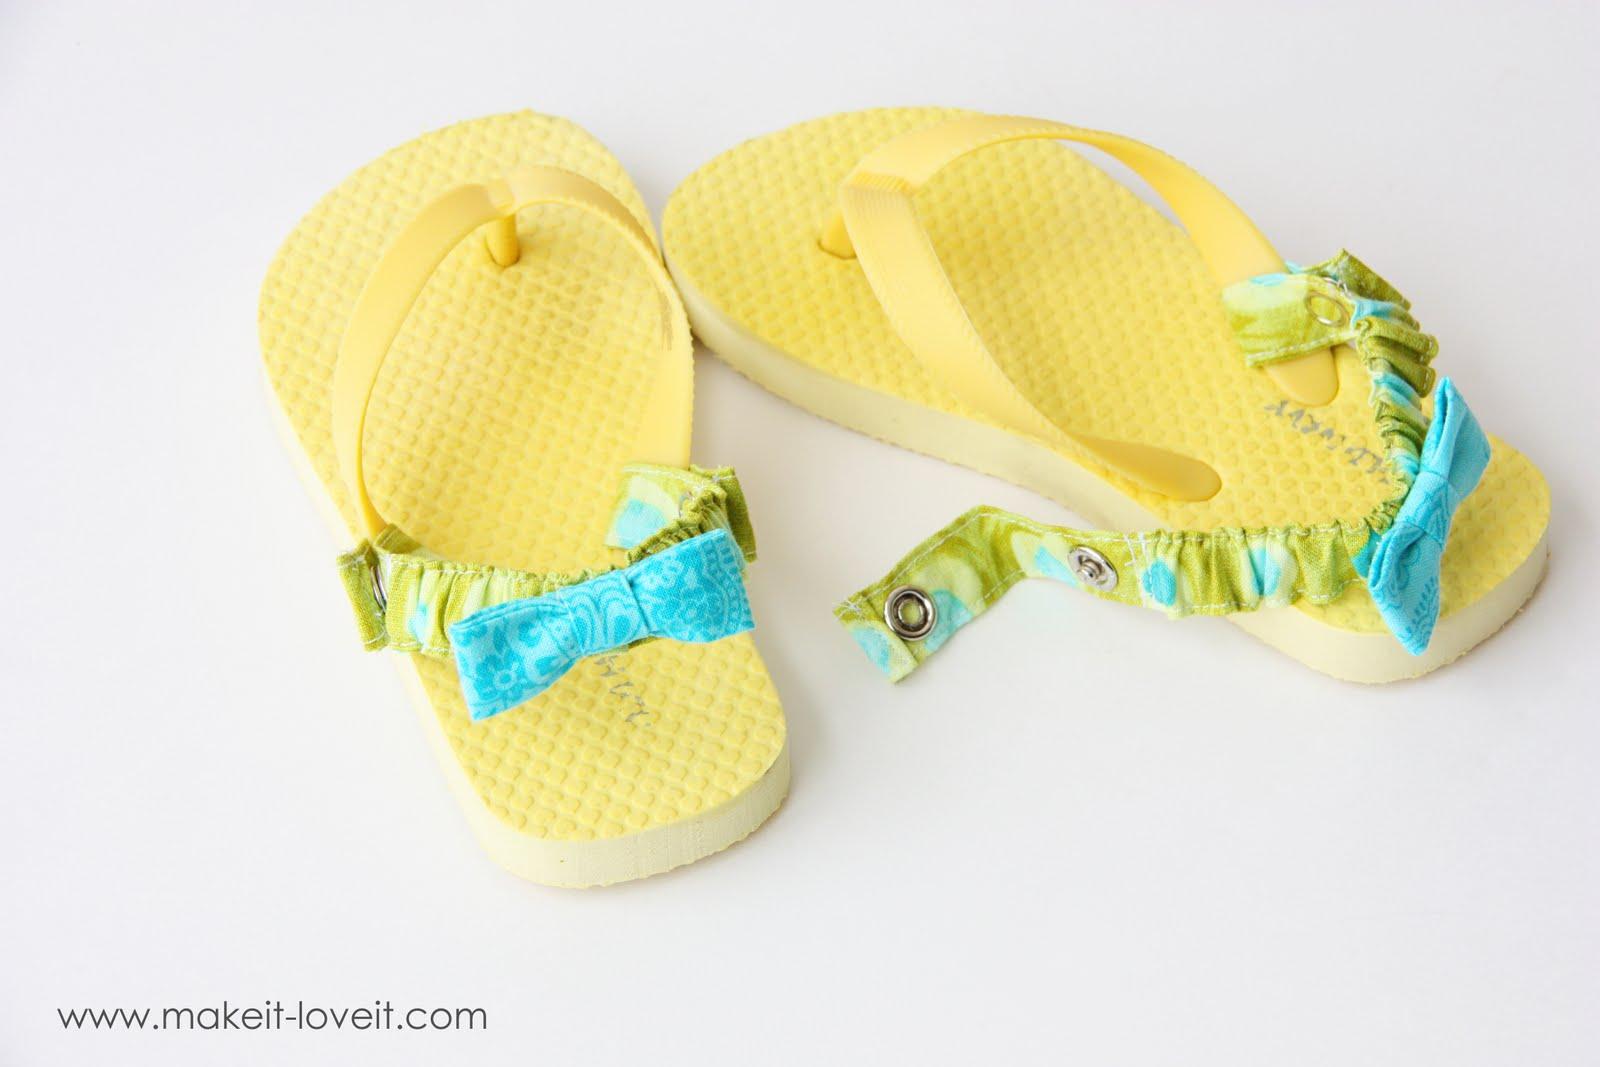 diy รองเท้าแตะเก่า,ไอเดียทำของ ขาย,ไอเดีย แฟชั่น น่ารัก แปลก